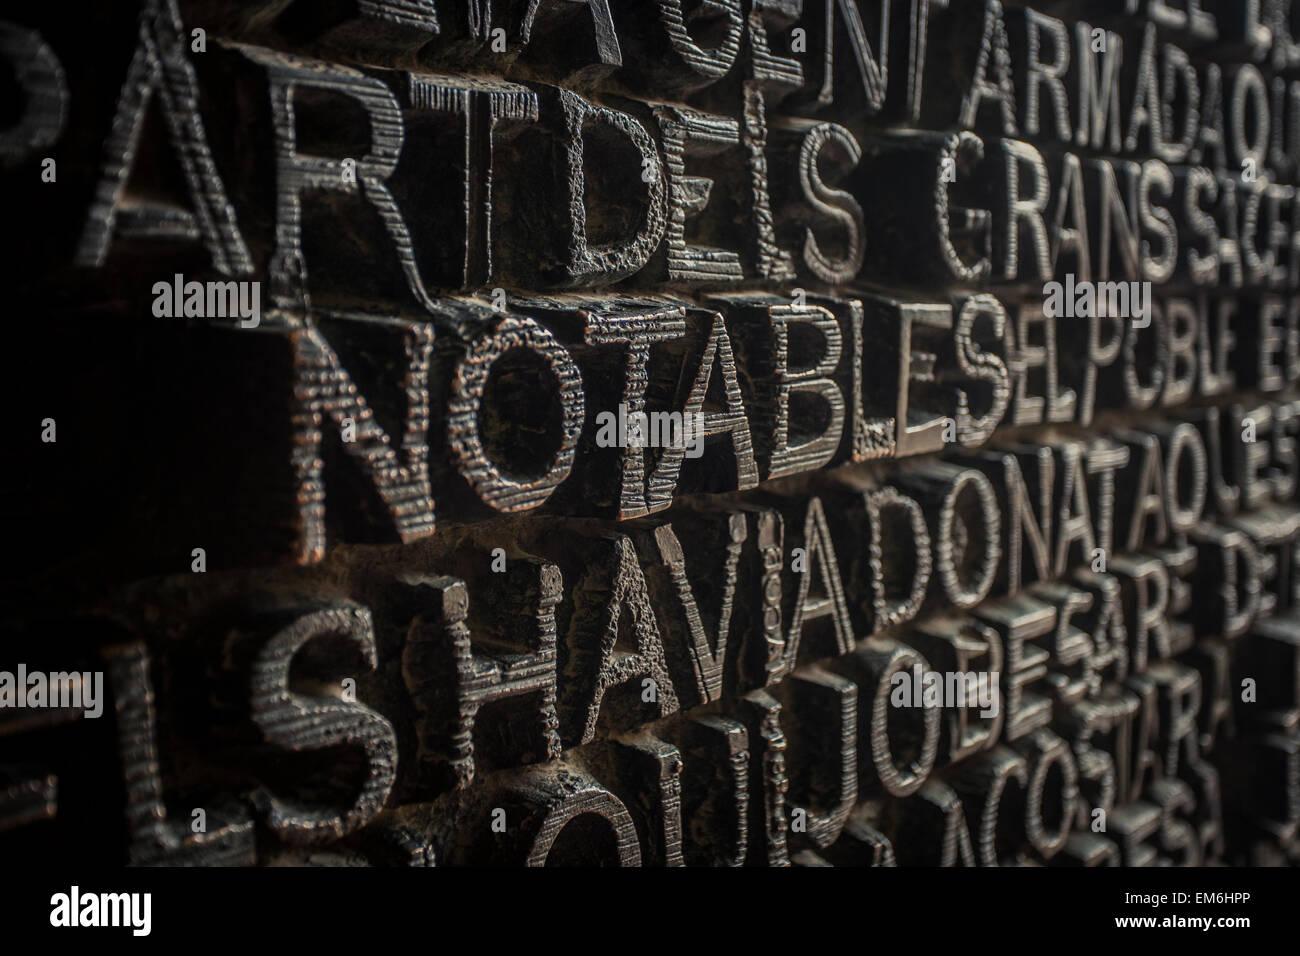 Religious typography - Stock Image